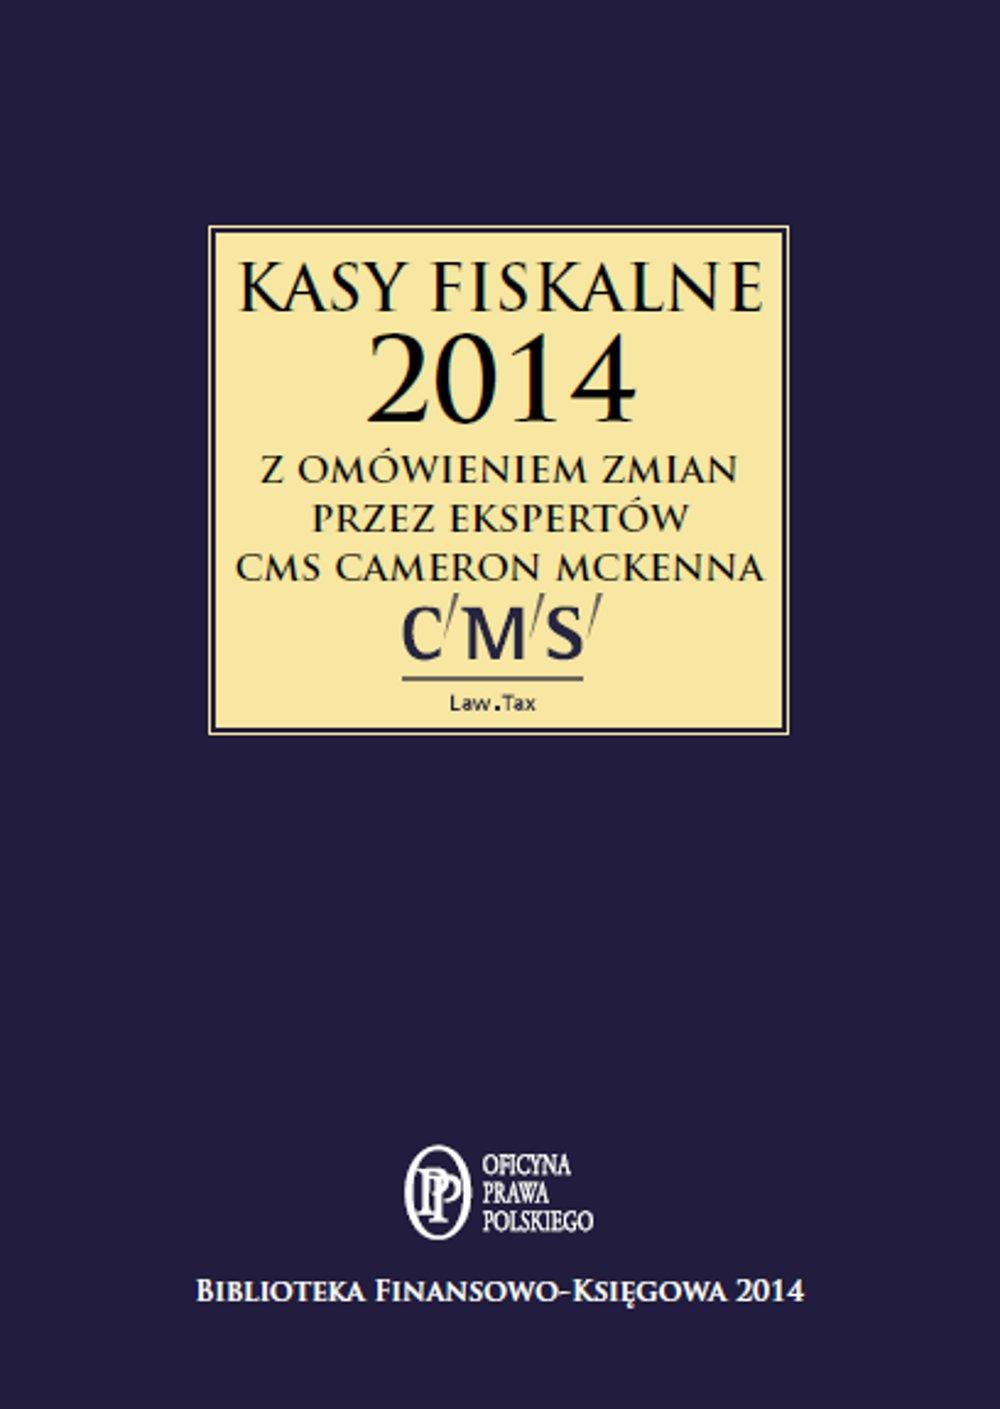 Kasy fiskalne 2014 z omówieniem ekspertów CMS Cameron McKenna - Ebook (Książka PDF) do pobrania w formacie PDF